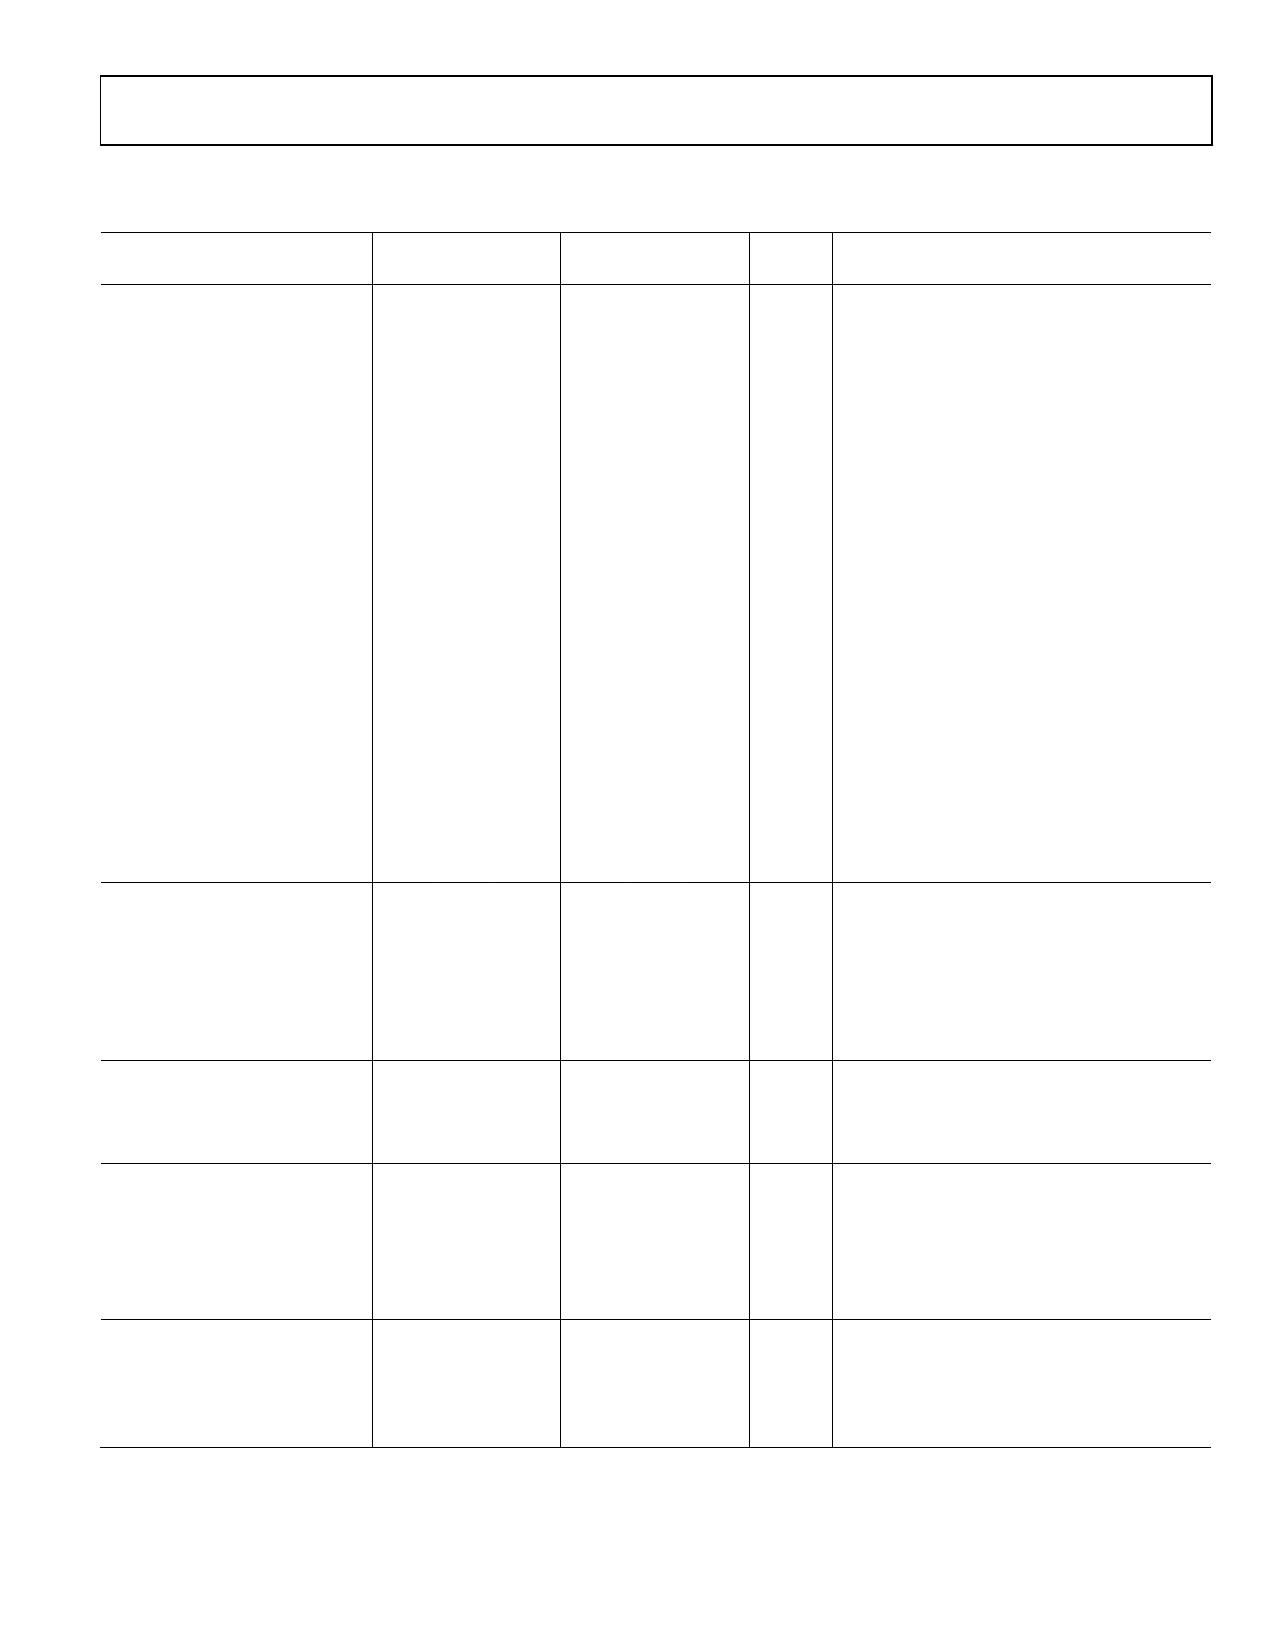 AD5669R pdf